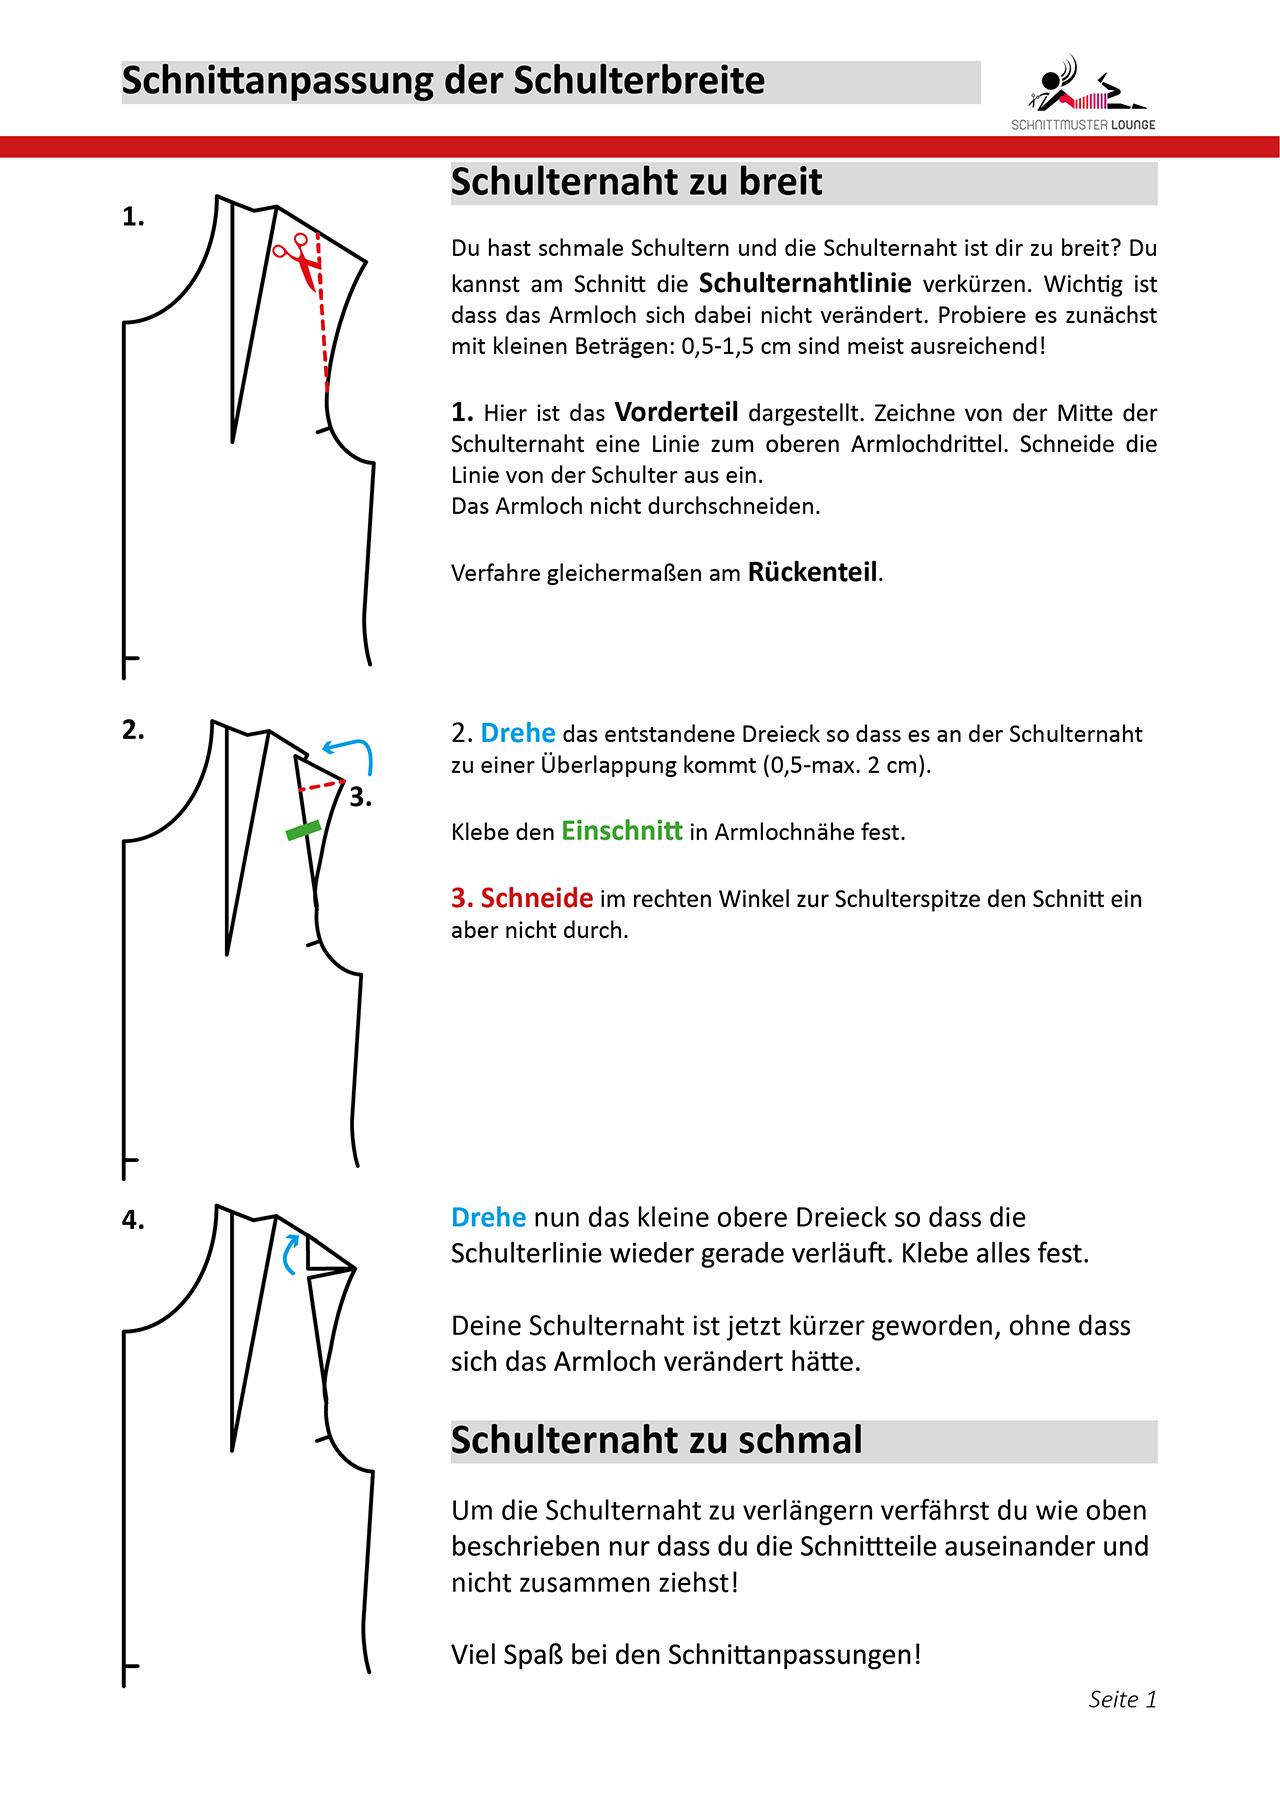 Schnittanpassung der Schulterbreite